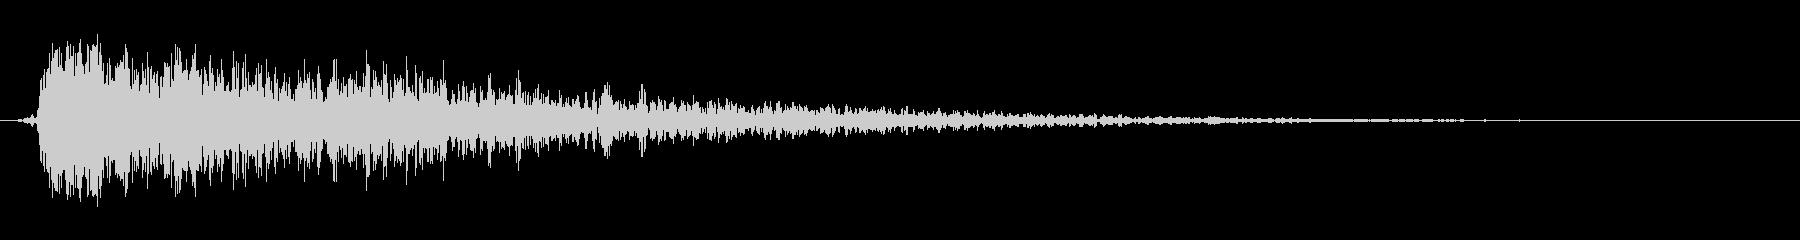 グリッティインパクトブラスト1の未再生の波形